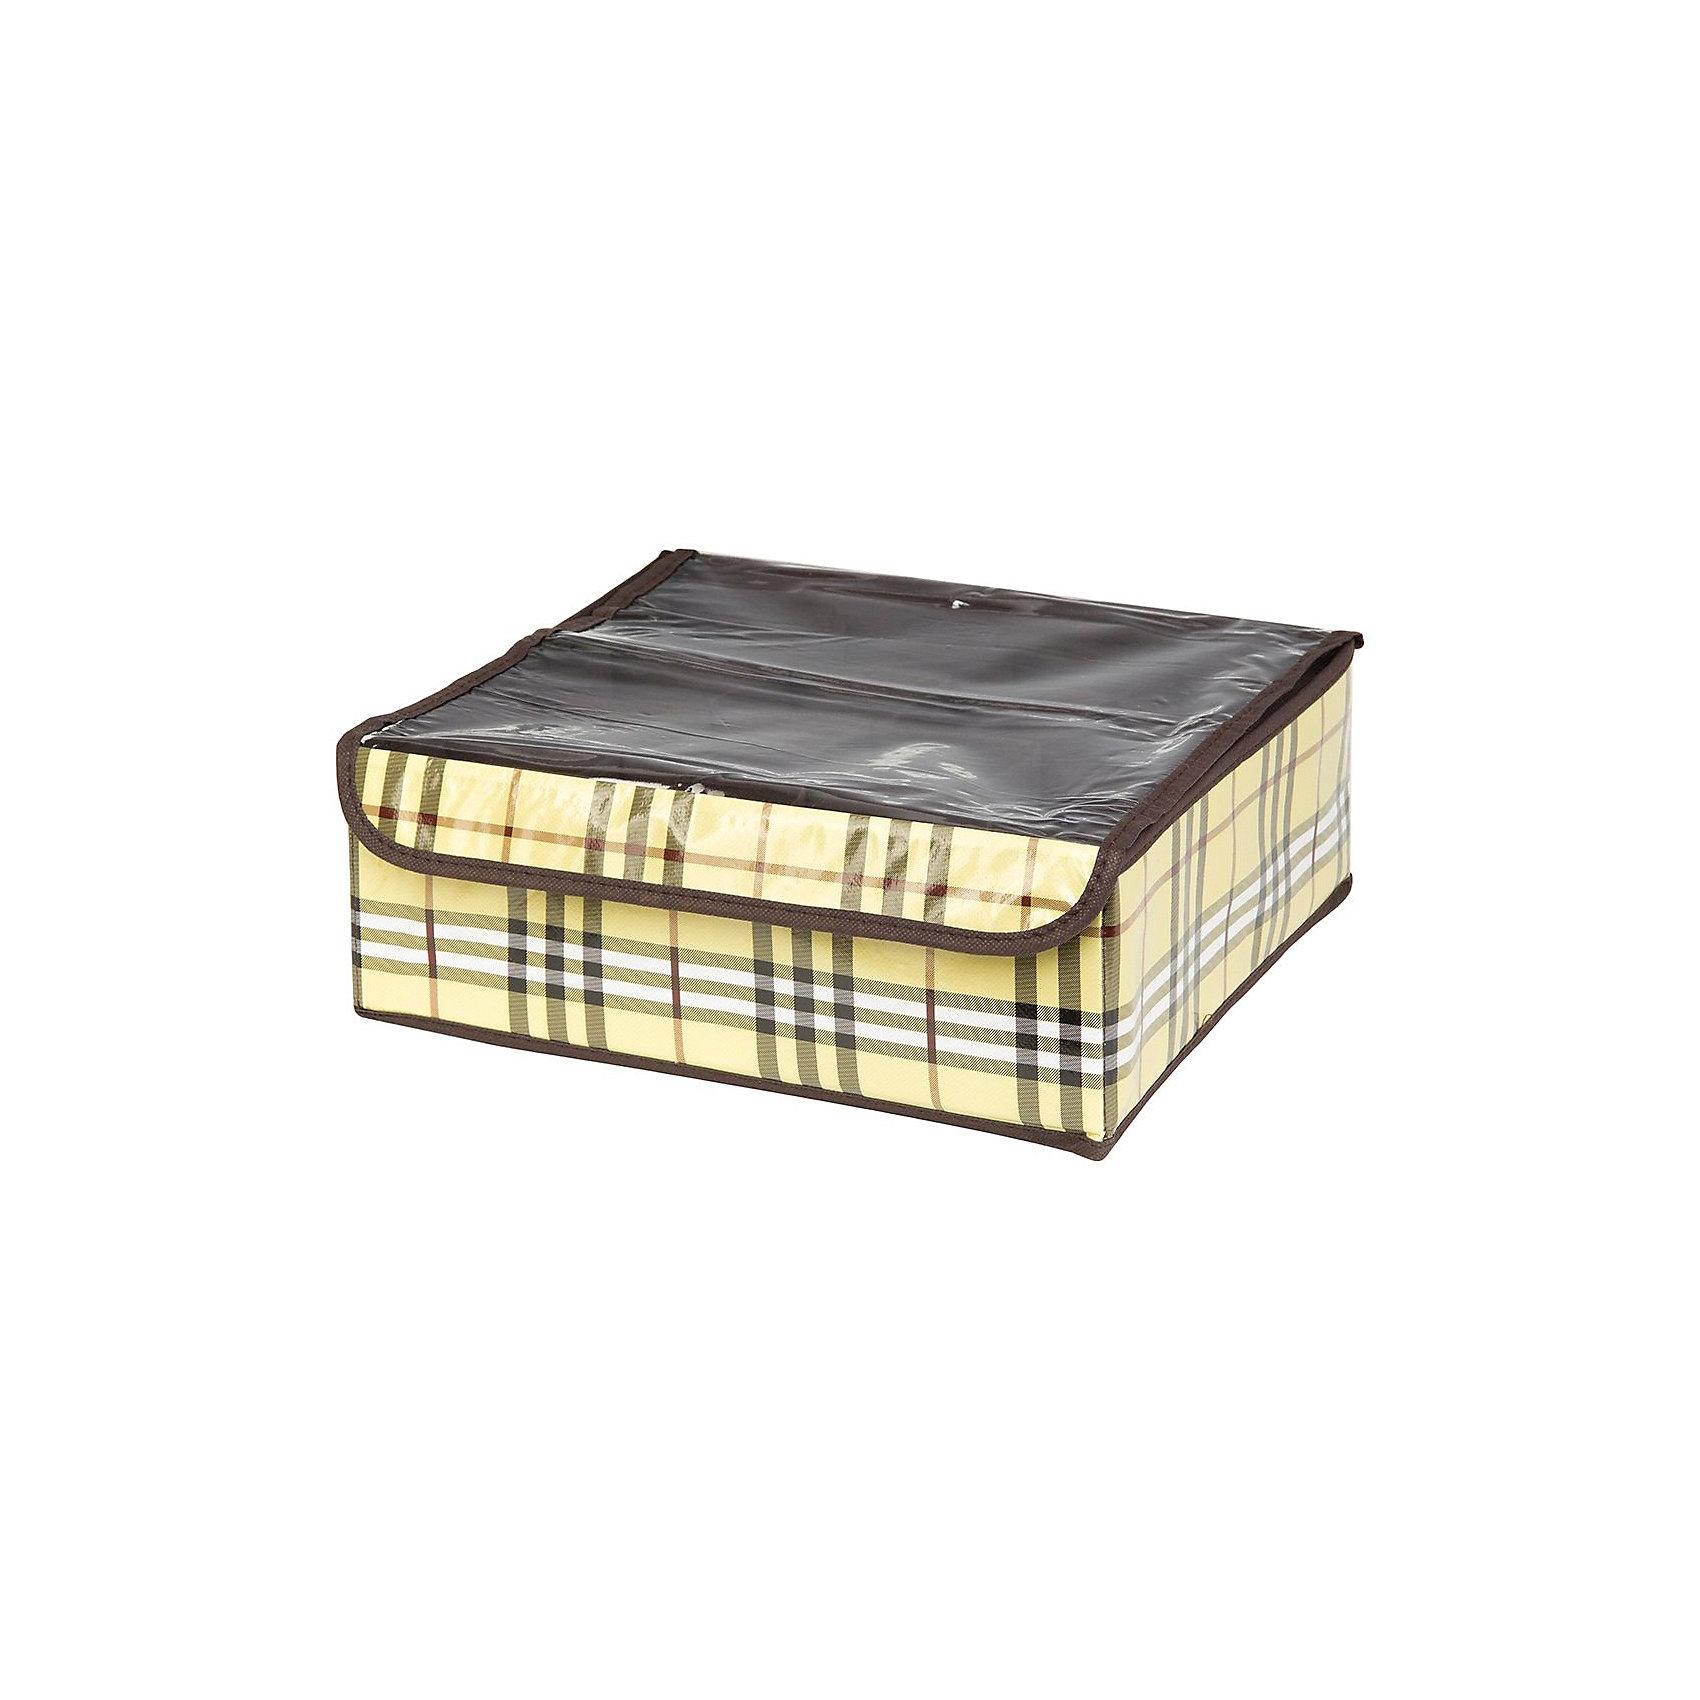 Кофр для нижнего белья и носков 32*32*12 см. Шотландка, 12 секций, EL CasaПорядок в детской<br>Характеристики товара:<br><br>• цвет: мульти<br>• материал: текстиль (полиэстер 100%)<br>• размер: 32 х 32 х 12 см<br>• вес: 300 г<br>• декорирован принтом<br>• прозрачная крышка<br>• защита от пыли<br>• естественная вентиляция<br>• 12 отделений<br>• удобный<br>• универсальный размер<br>• страна бренда: Российская Федерация<br>• страна производства: Китай<br><br>Такой кофр - отличный пример удобной и функциональной вещи для любого интерьера. В нем удобной хранить различные мелочи, например, нижнее белье и носки.<br><br>Кофр с жёстким каркасом для хранения может стать отличным приобретением для дома или подарком для любителей красивых оригинальных вещей.<br><br>Бренд EL Casa - это красивые и практичные товары для дома с современным дизайном. Они добавляют в жильё уюта и комфорта! <br><br>Кофр для нижнего белья и носков 32*32*12 см. Шотландка, 12 секций, EL Casa можно купить в нашем интернет-магазине.<br><br>Ширина мм: 330<br>Глубина мм: 125<br>Высота мм: 15<br>Вес г: 283<br>Возраст от месяцев: 0<br>Возраст до месяцев: 1188<br>Пол: Унисекс<br>Возраст: Детский<br>SKU: 6668764